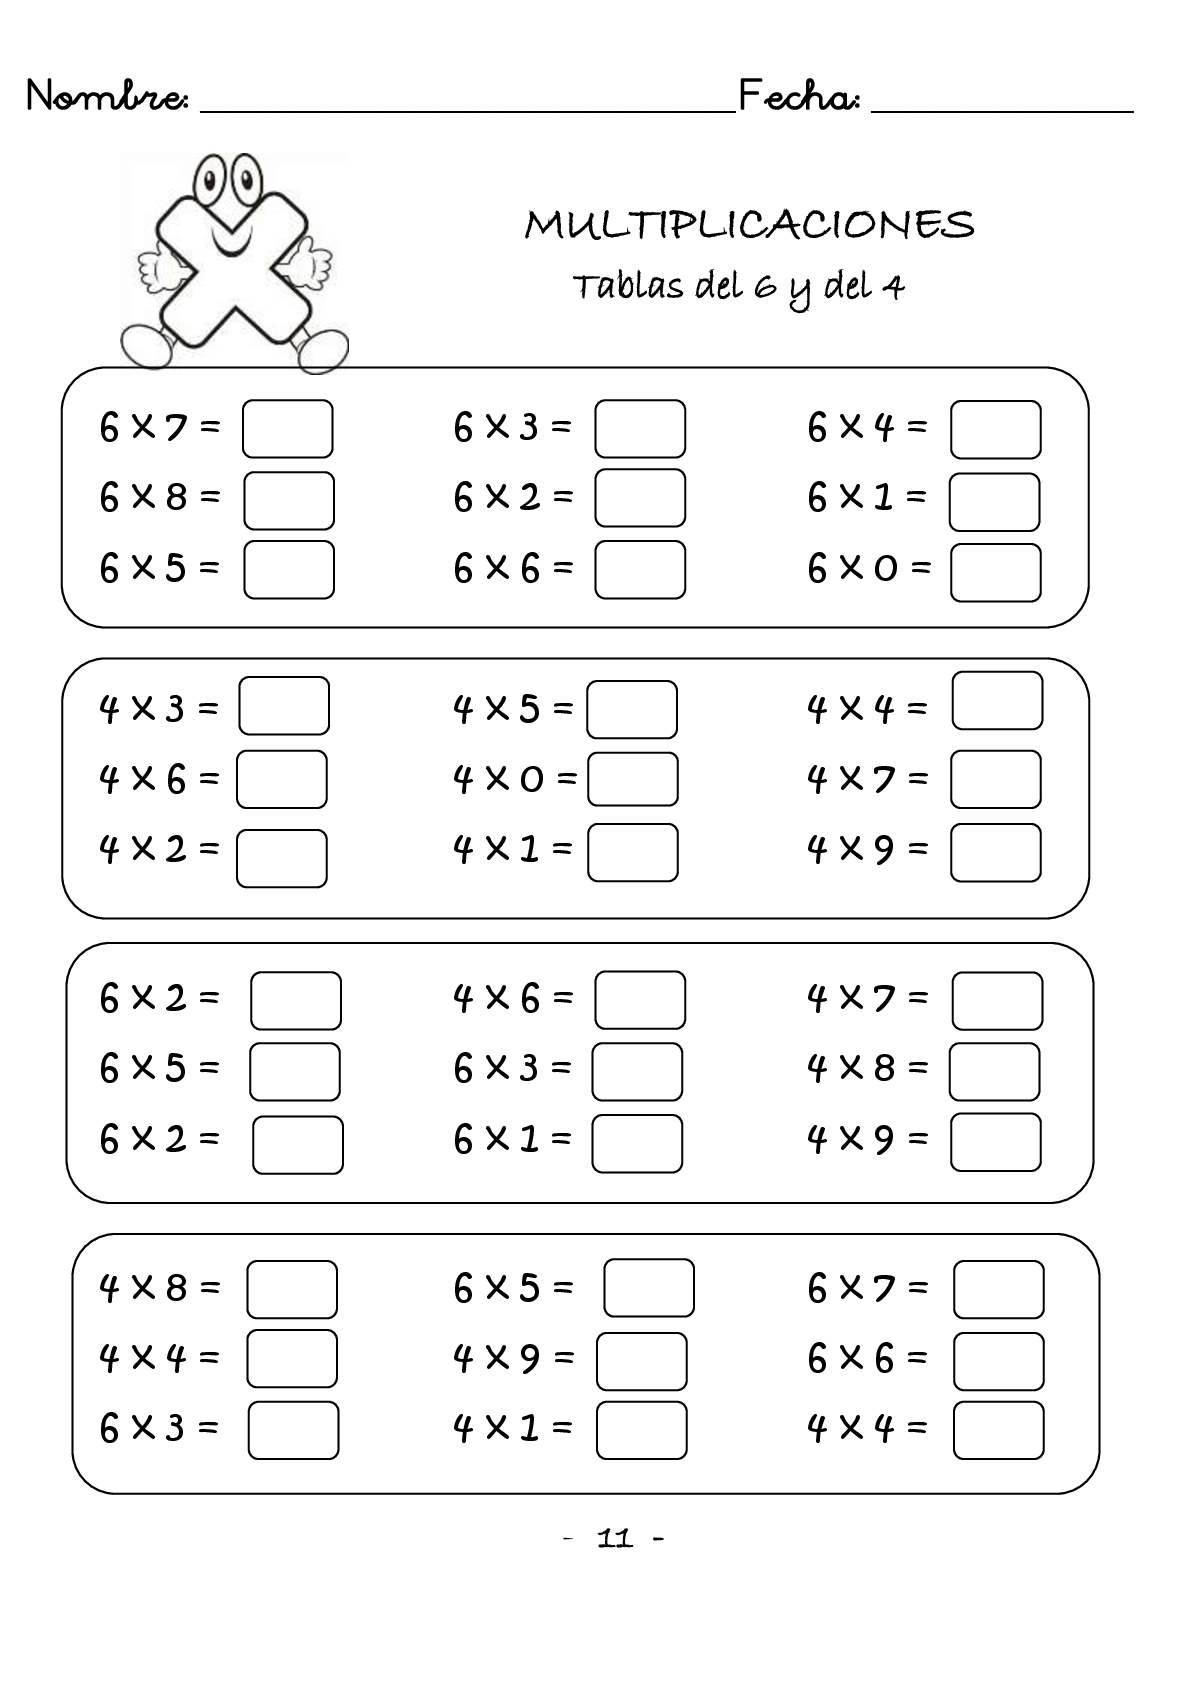 multiplicaciones-rapidas-una-cifra-protegido-012